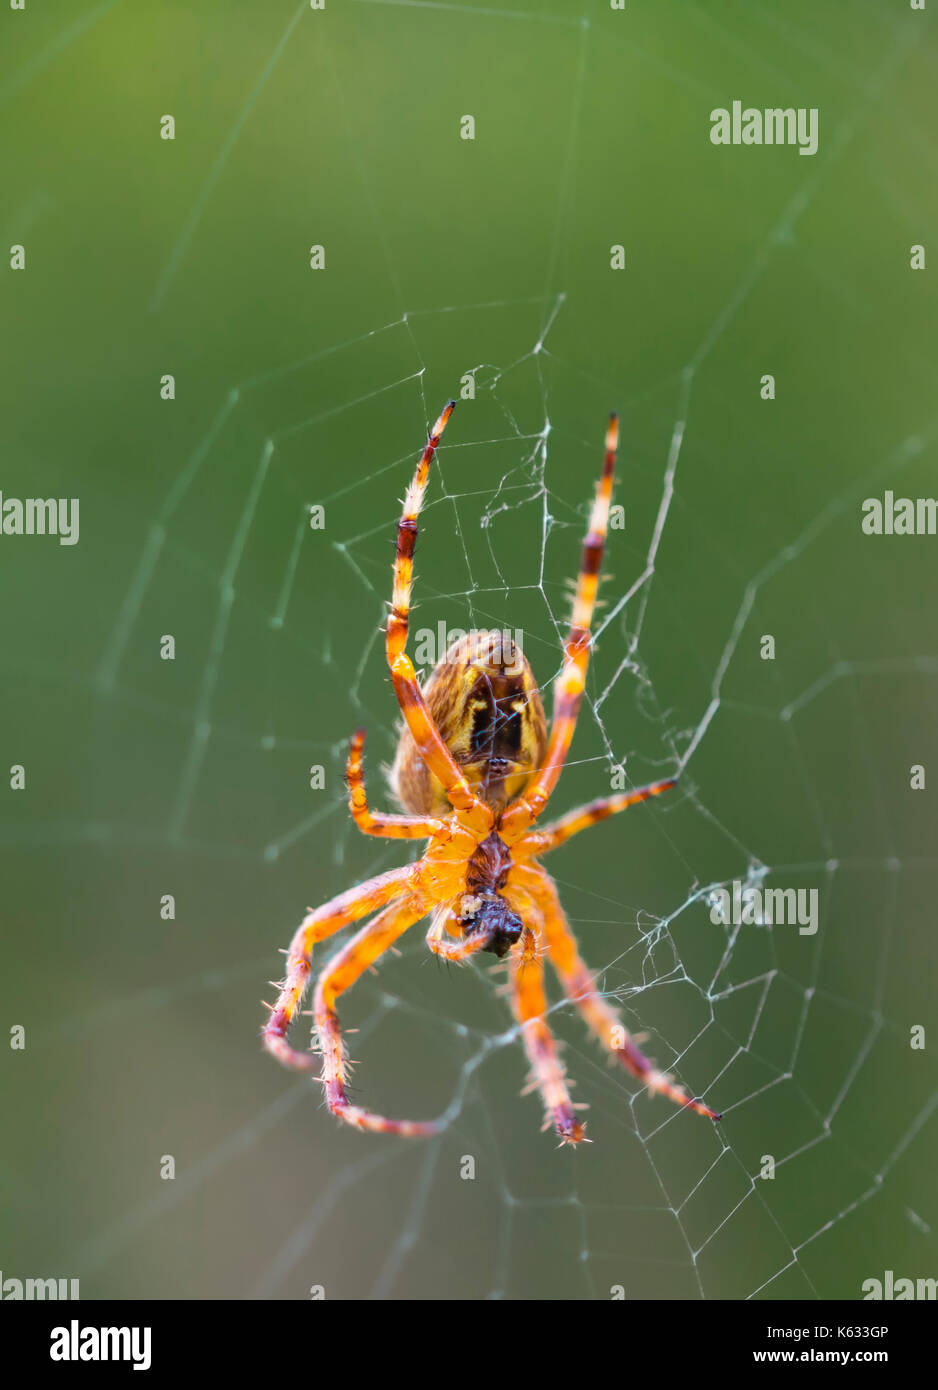 Araneus Diadematus (European araña de jardín, Diadema, araña araña Cruz), una araña tejedora de Orb en un web en otoño en el Reino Unido. Spiderweb macro. Imagen De Stock